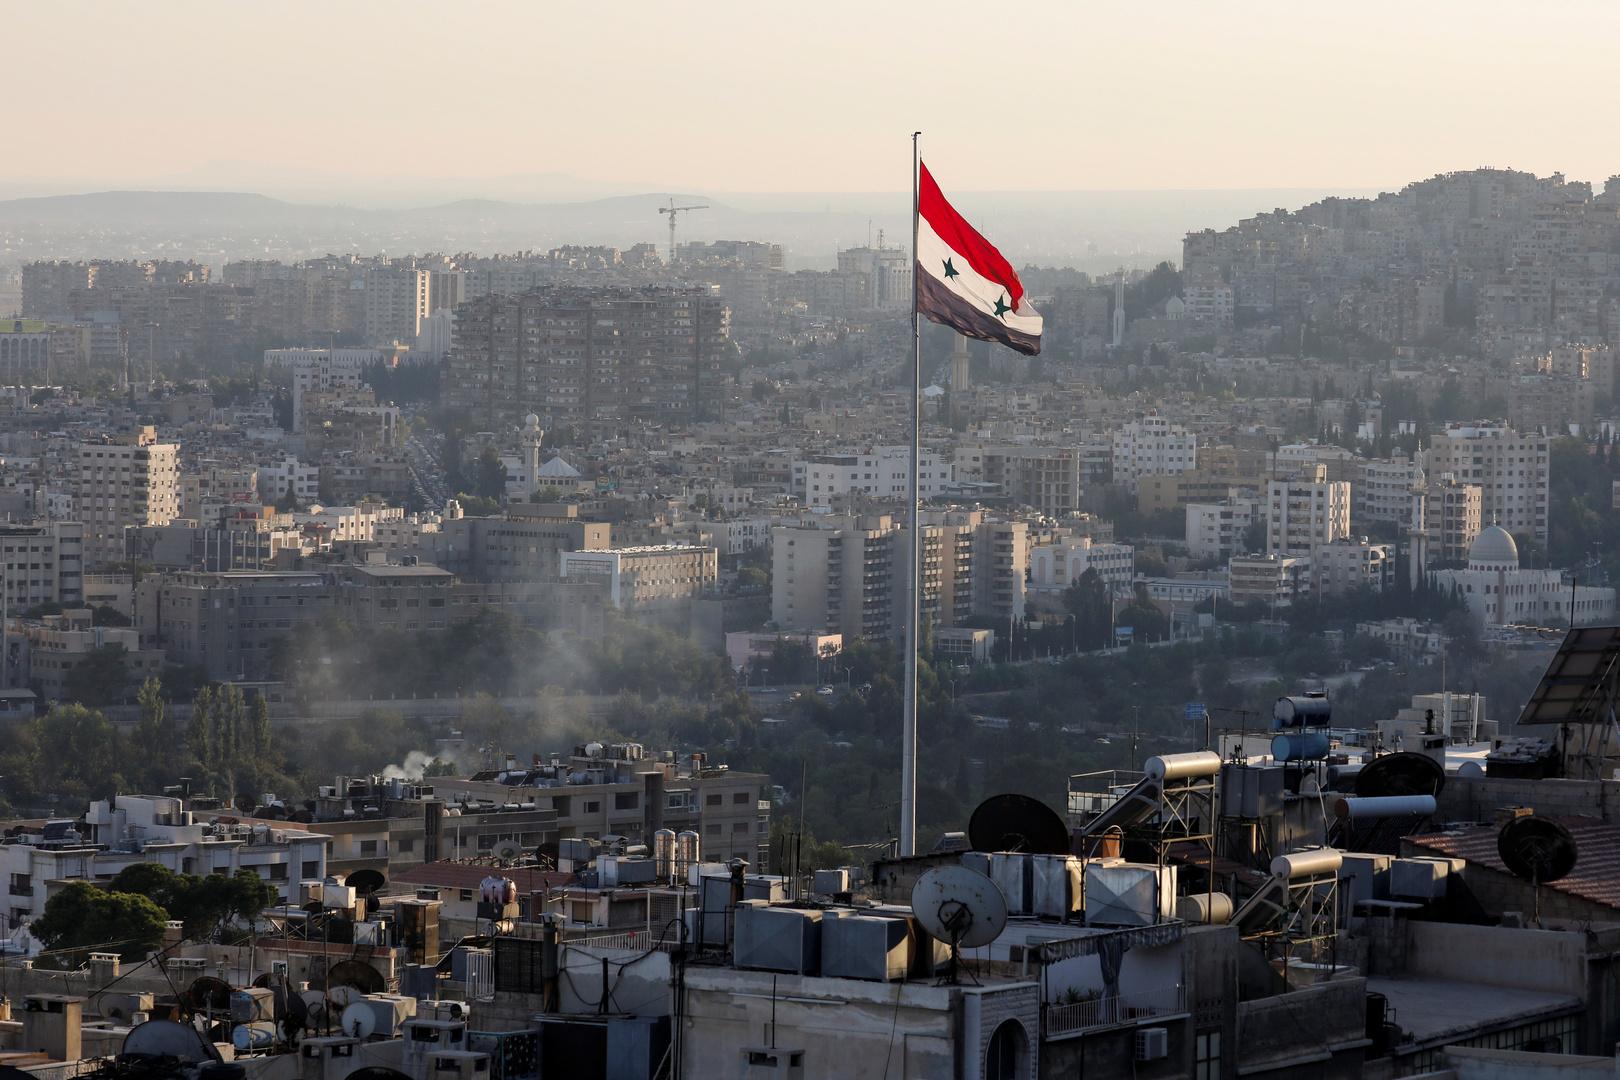 مدير الطيران المدني السوري يعلق على استئناف الملكية الأردنية الطيران إلى دمشق